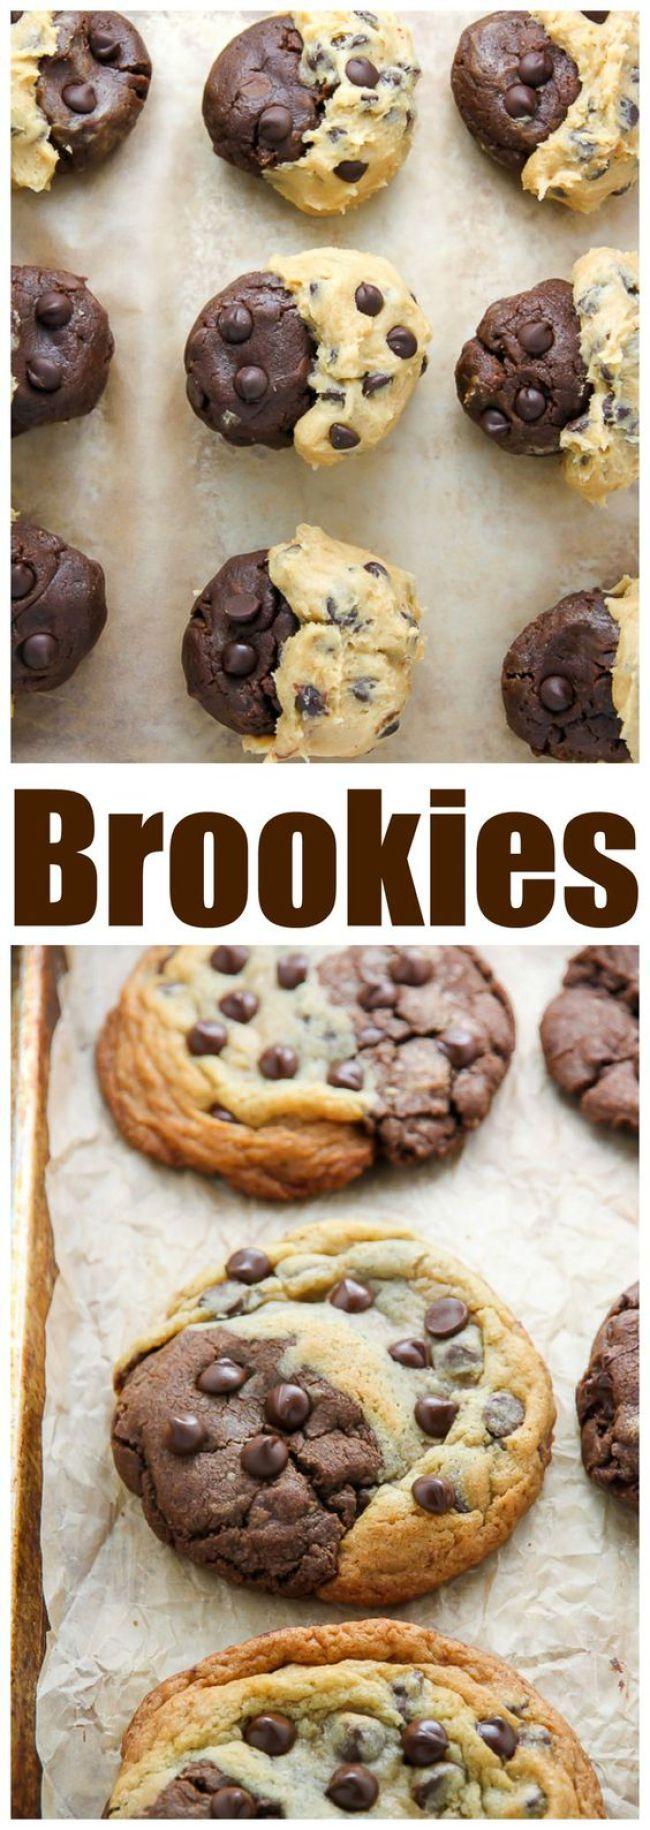 Brookies - Brownie/Chocolate Chip Cookies #sweetestday #chocolatechipcookieday